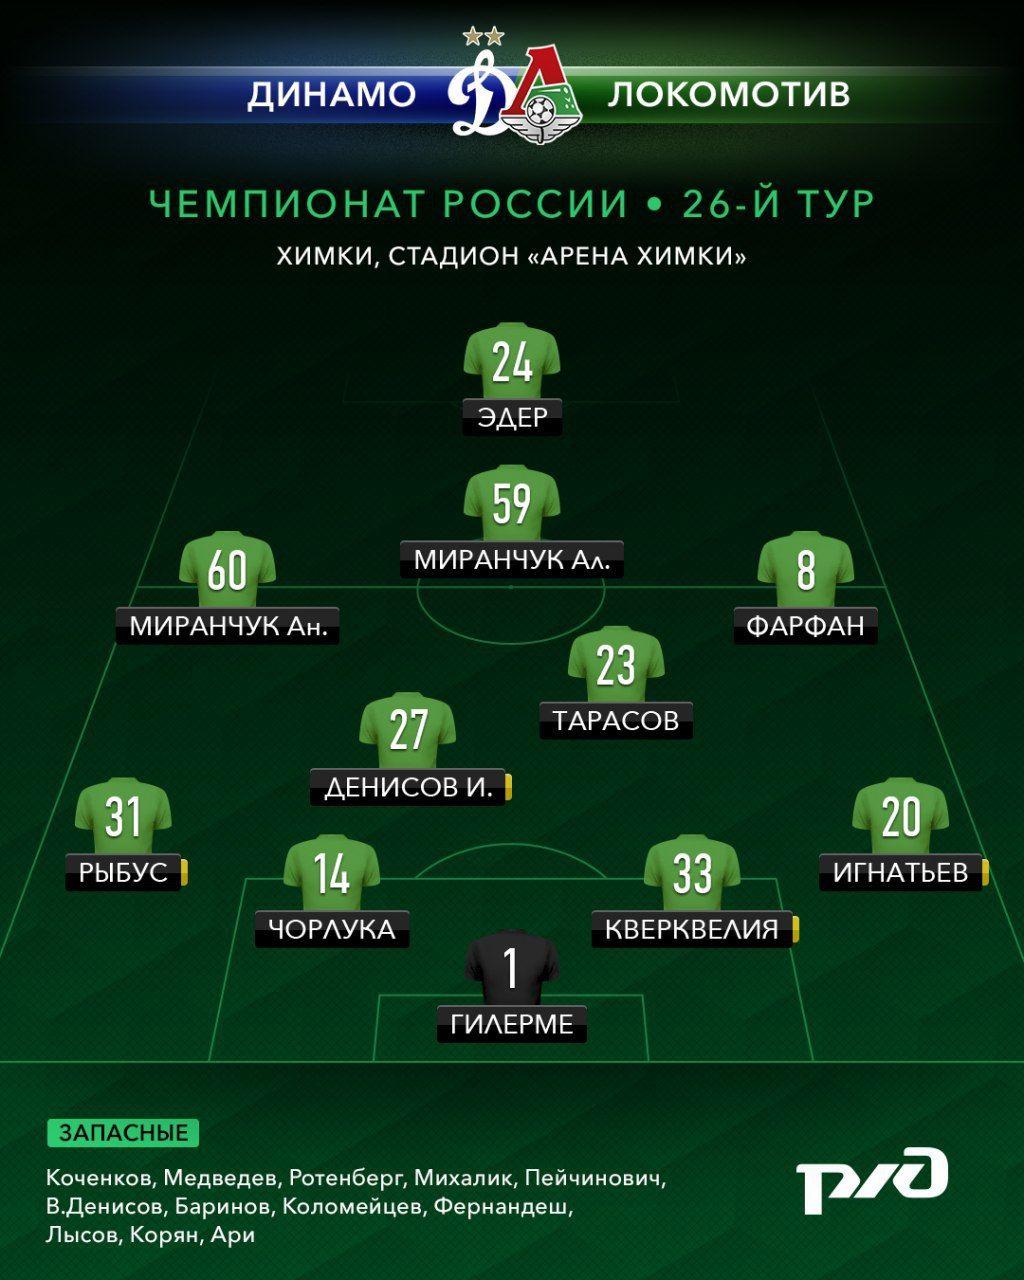 Премьер лига:Динамо-Локомотив 26-й тур